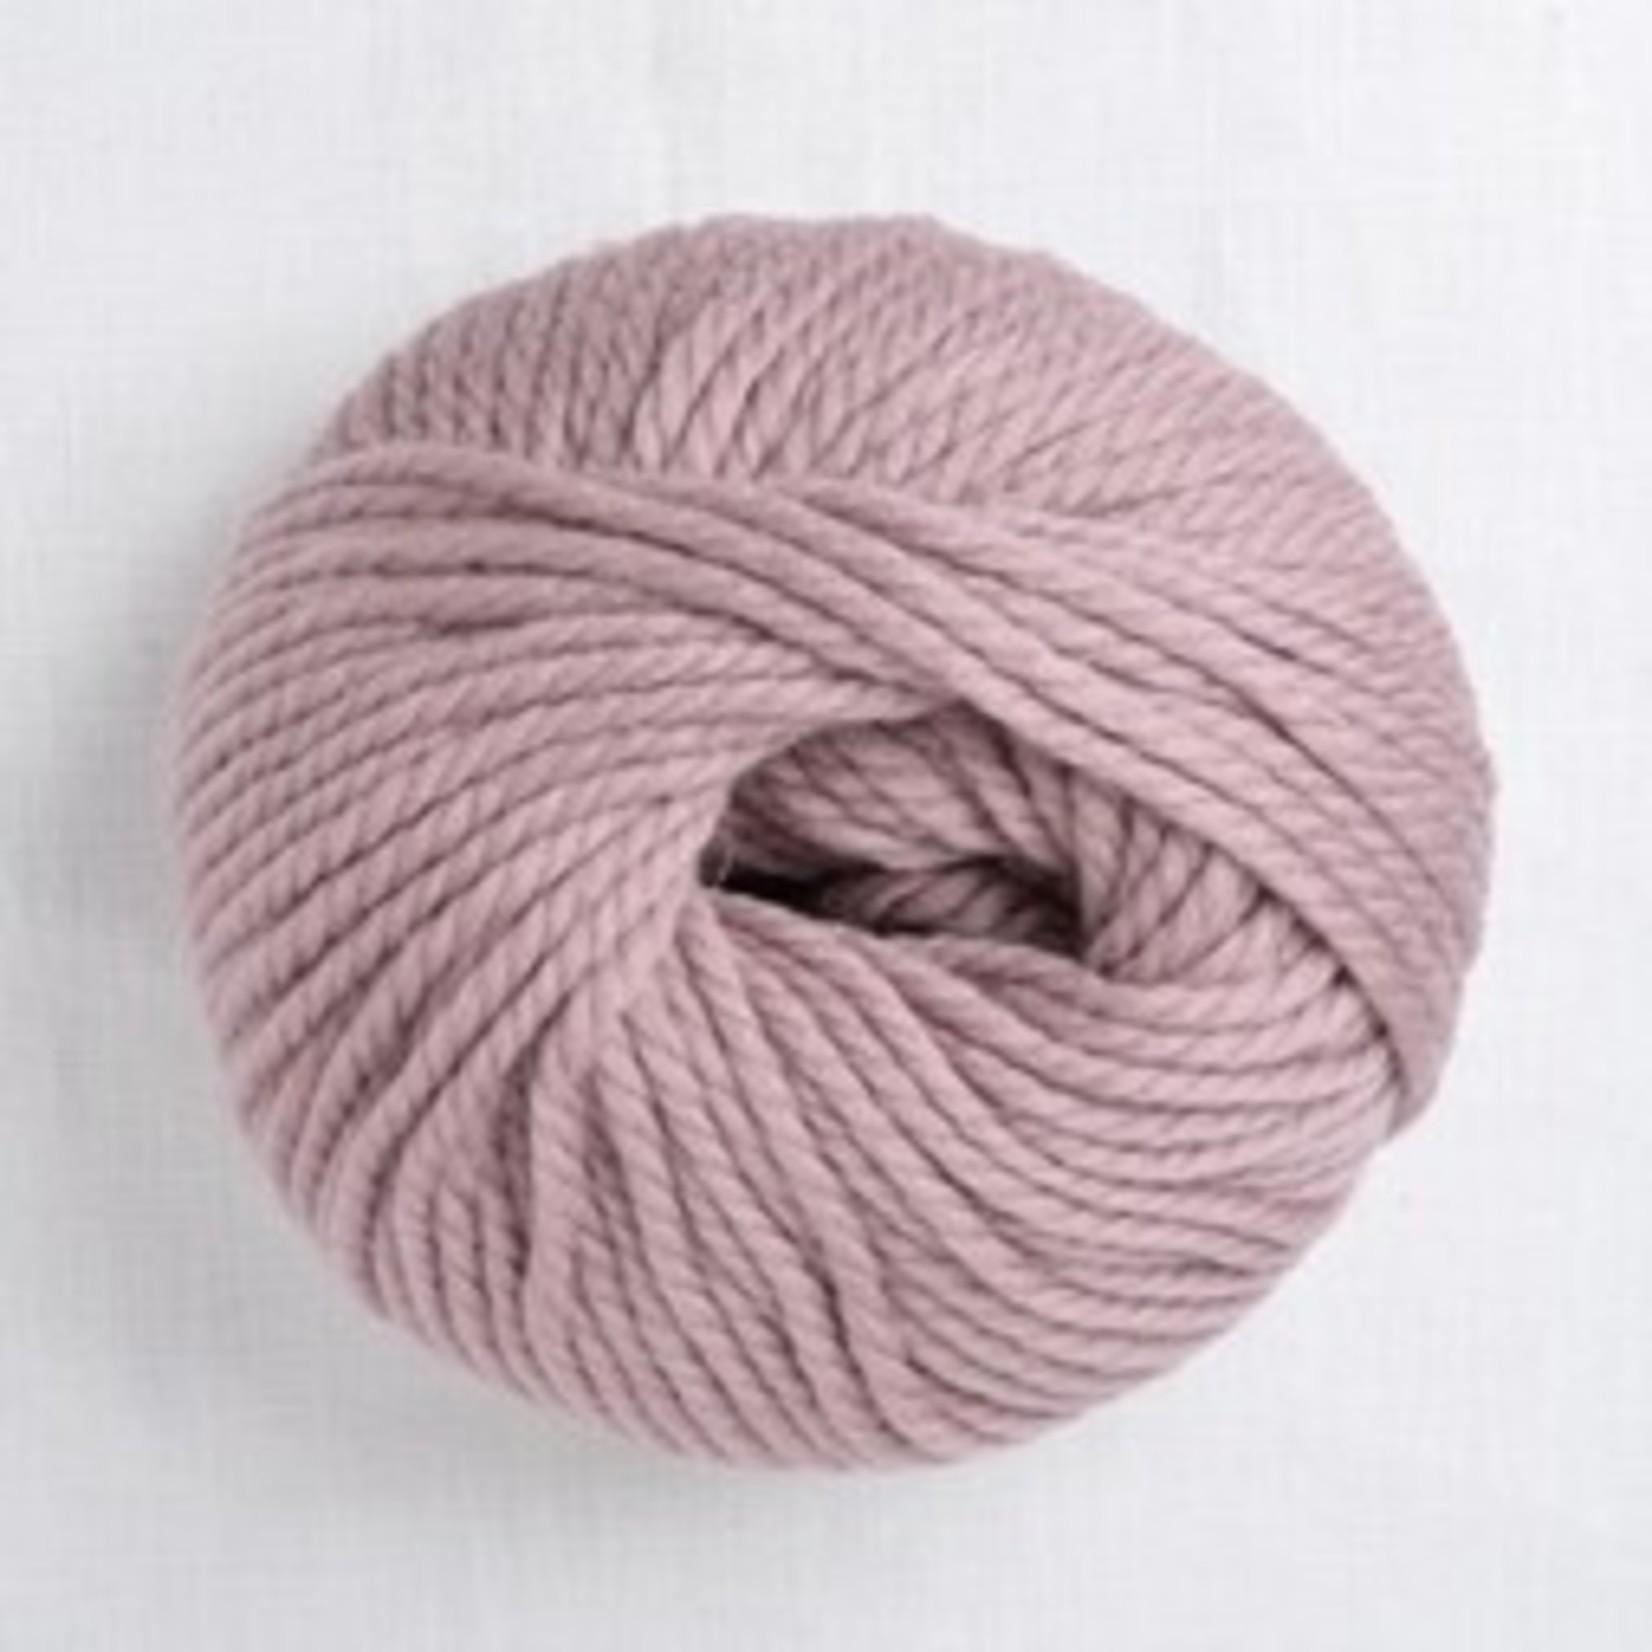 Sirdar Spinning Big Wool, 064, Prize